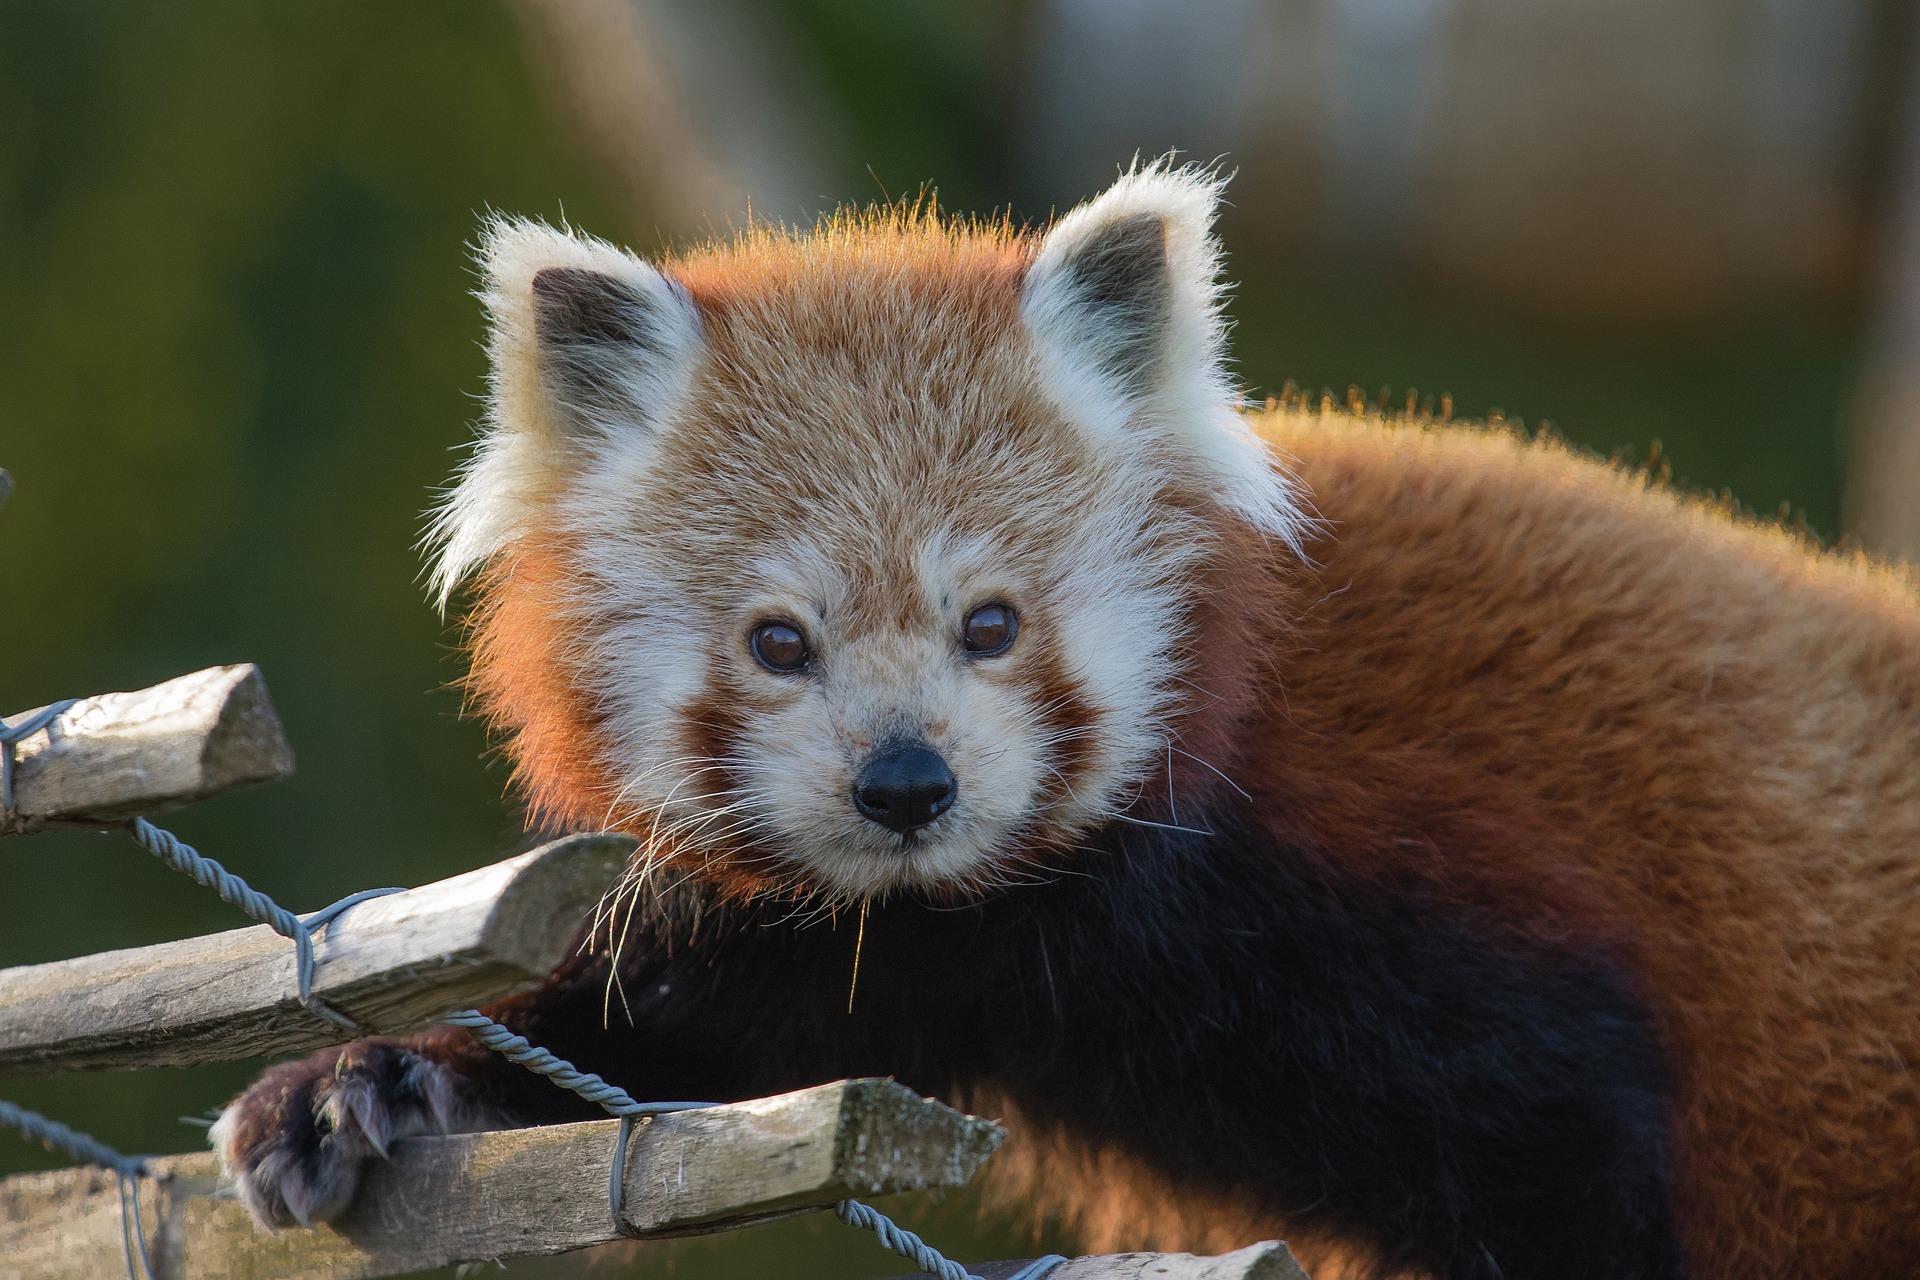 लाल पांडा, चेहरा, देखो, निविदा, वन्य जीवन - वॉलपेपर - प्रोफेसर-falken.com